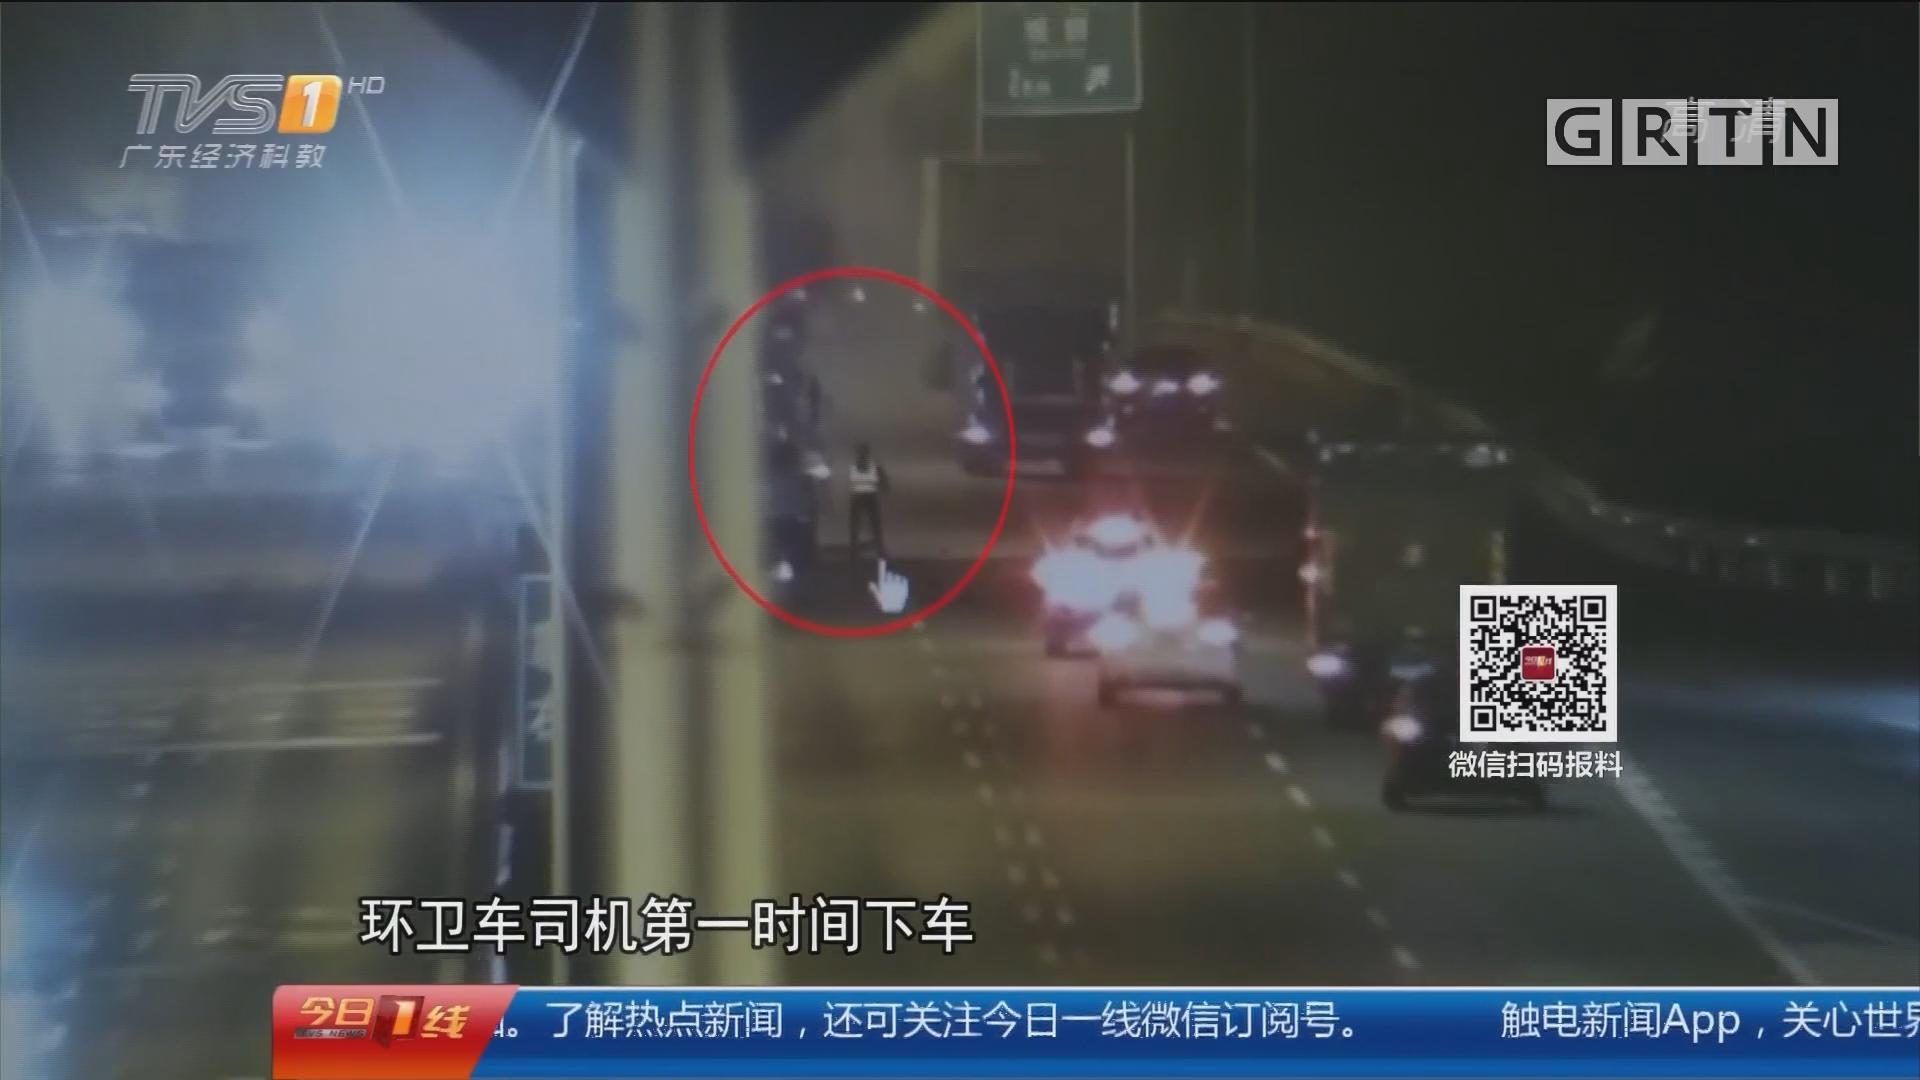 深圳龙华:小车飞速追尾环卫车 烈火中救司机